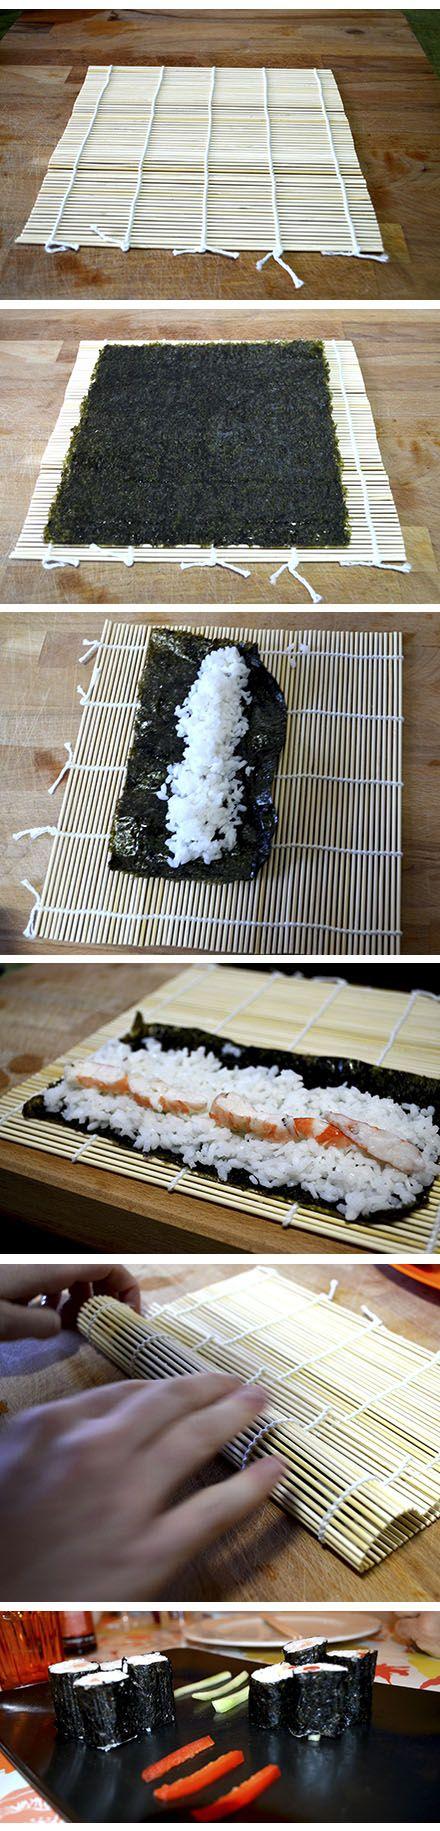 Aprende a hacer maki, una modalidad de sushi. Mira esta receta japonesa en nuestra web. #RecetasGalaicus #maki #sushi #receta #comidajaponesa